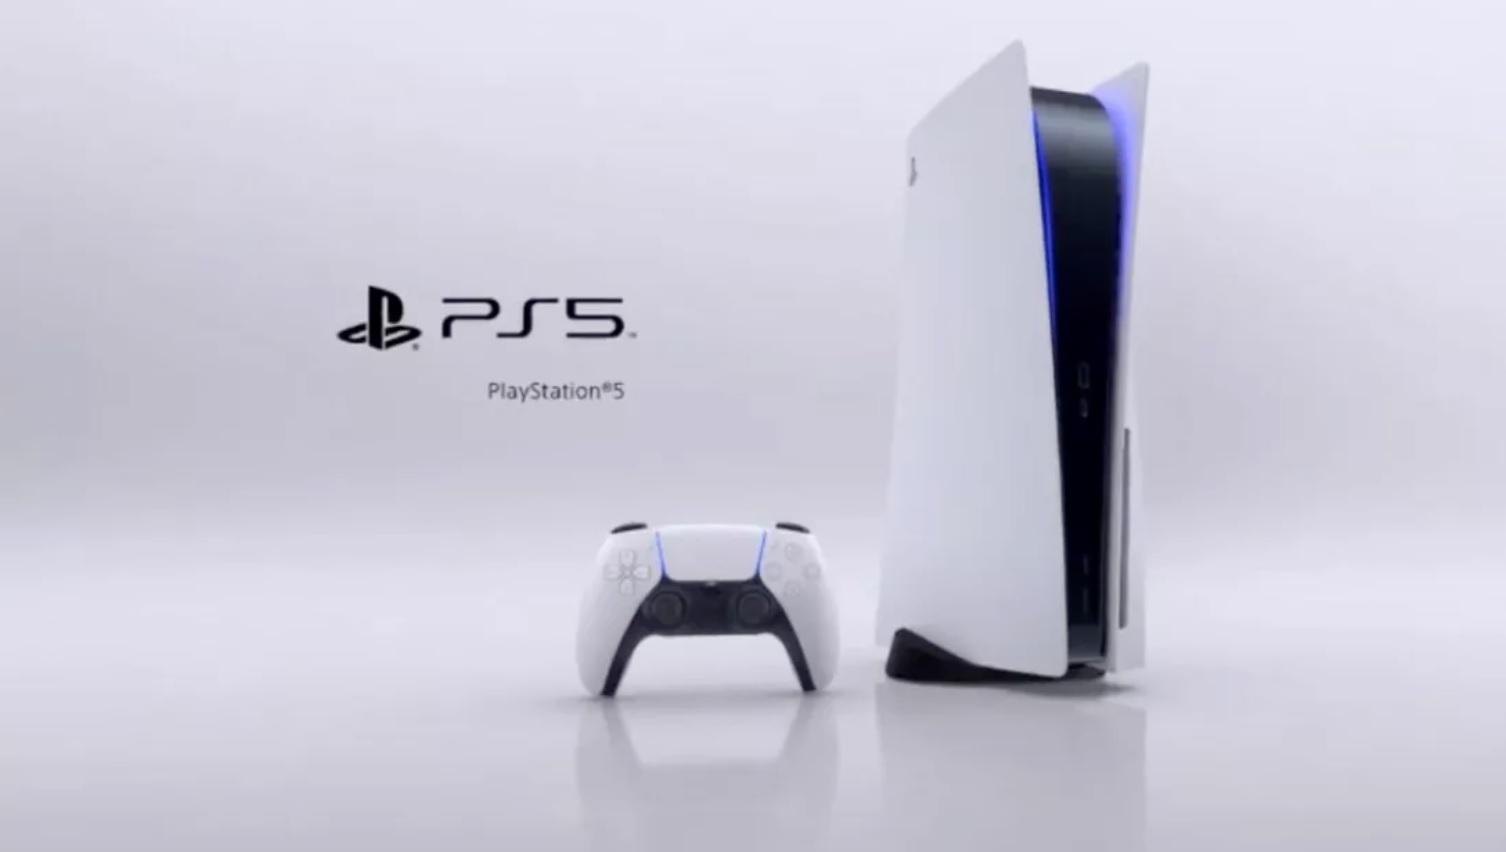 Tässä se on! Tältä näyttää uusi PS5-konsoli!